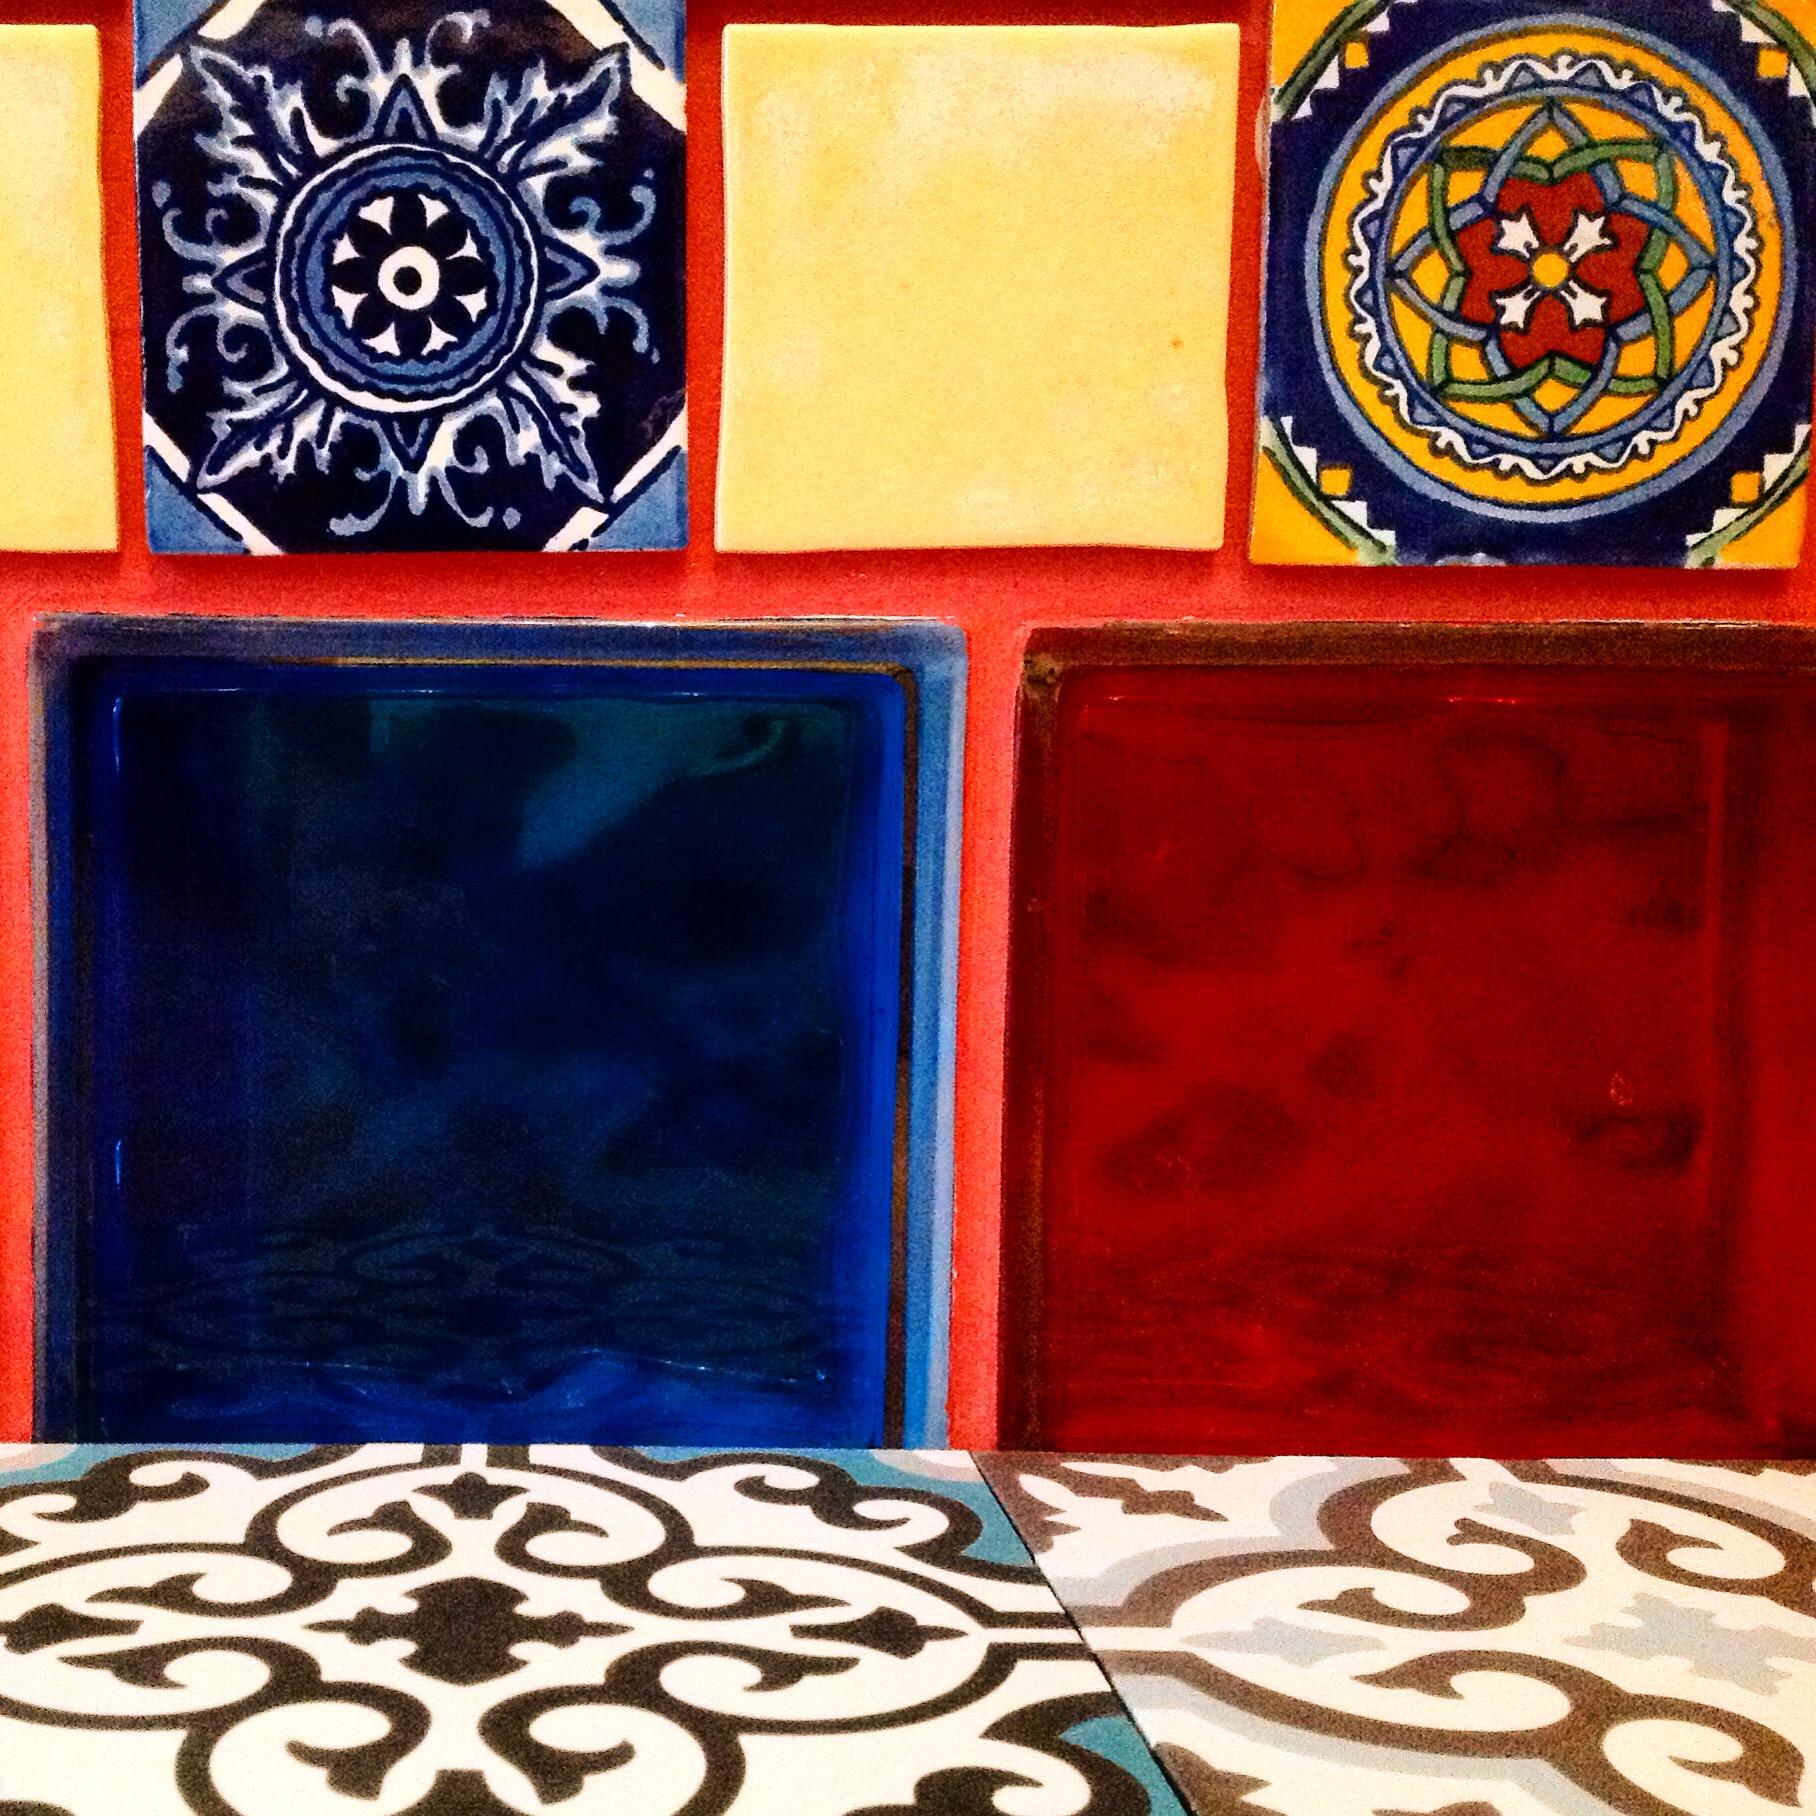 6 cementowe plytki marokanskie kafelki z meksyku urzadzanie wnetrz etniczne mieszkanie interior design ethnic apartment concrete morrocan tiles mexico style santa fe home kolory maroka